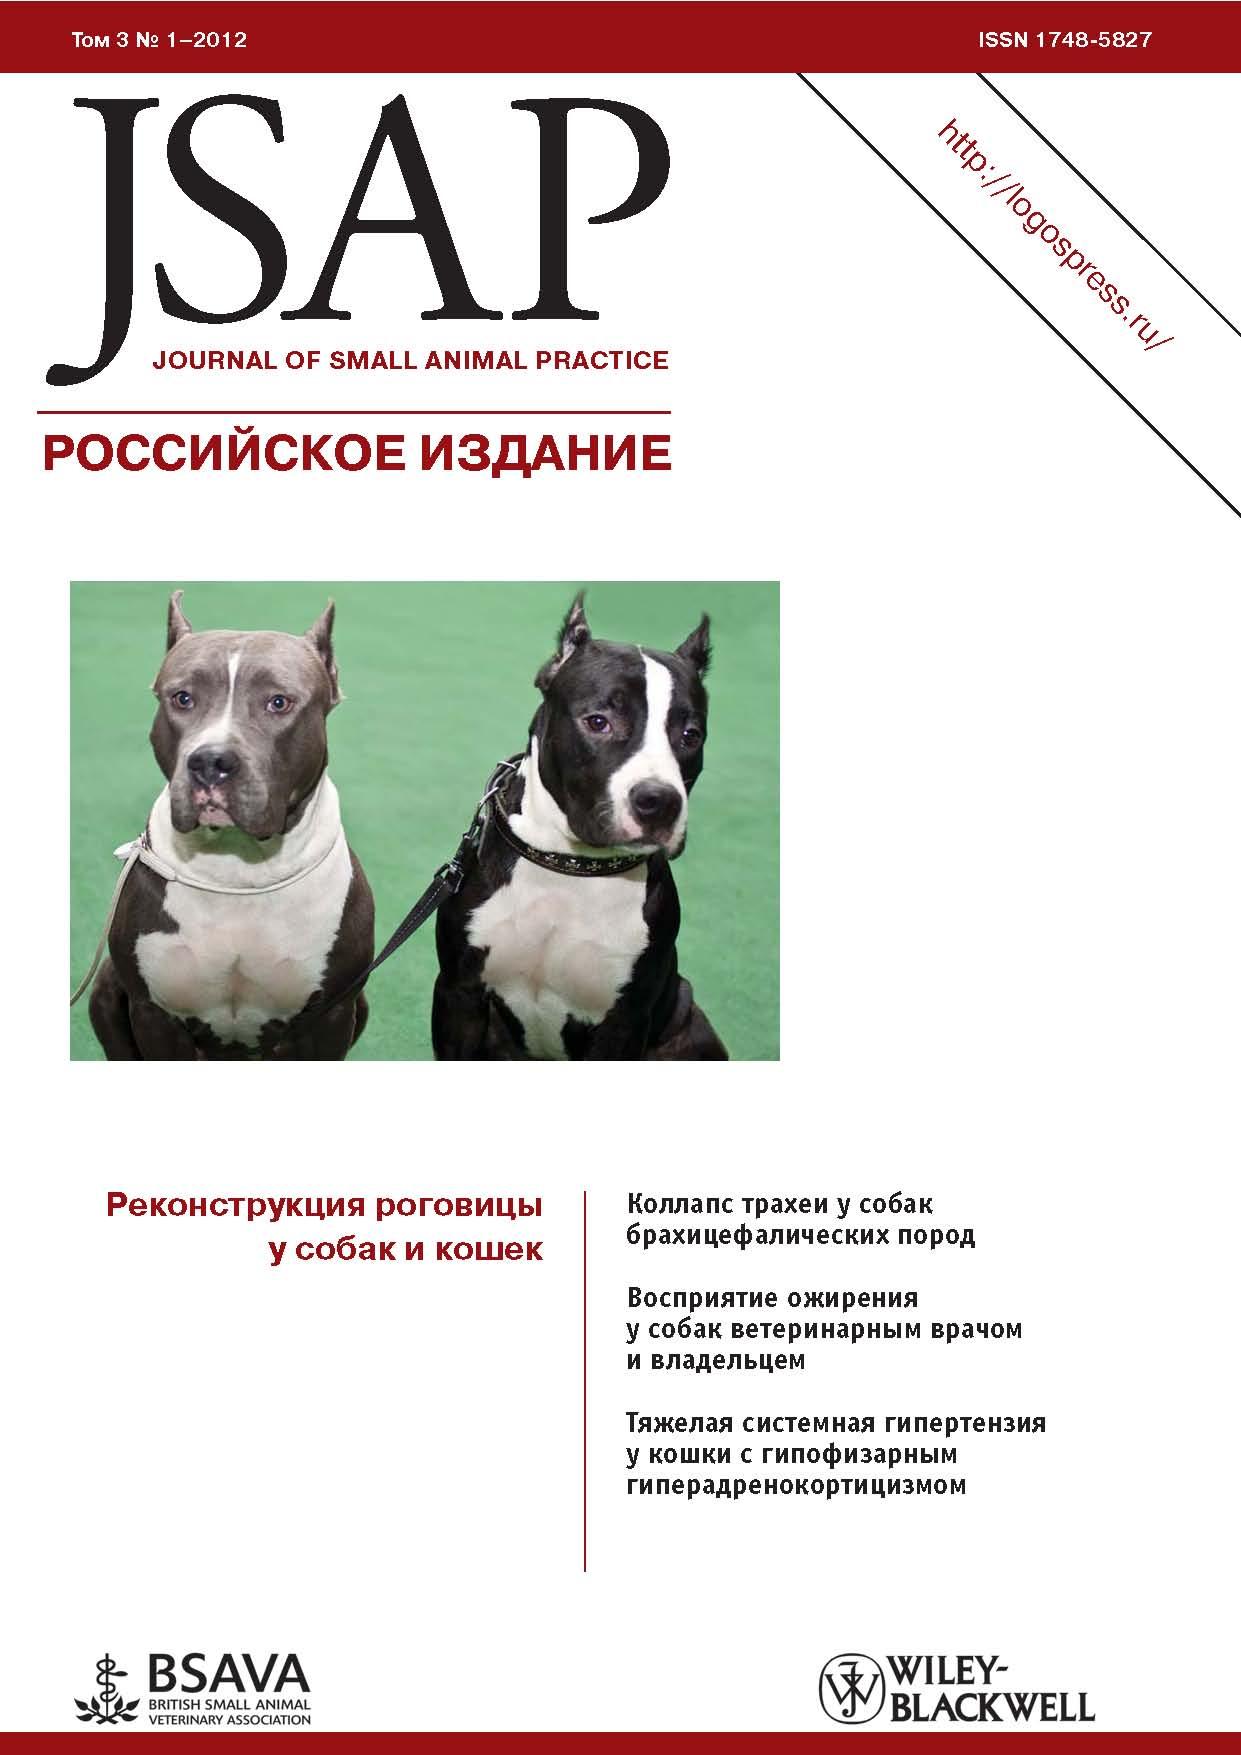 JSAP №1-2012